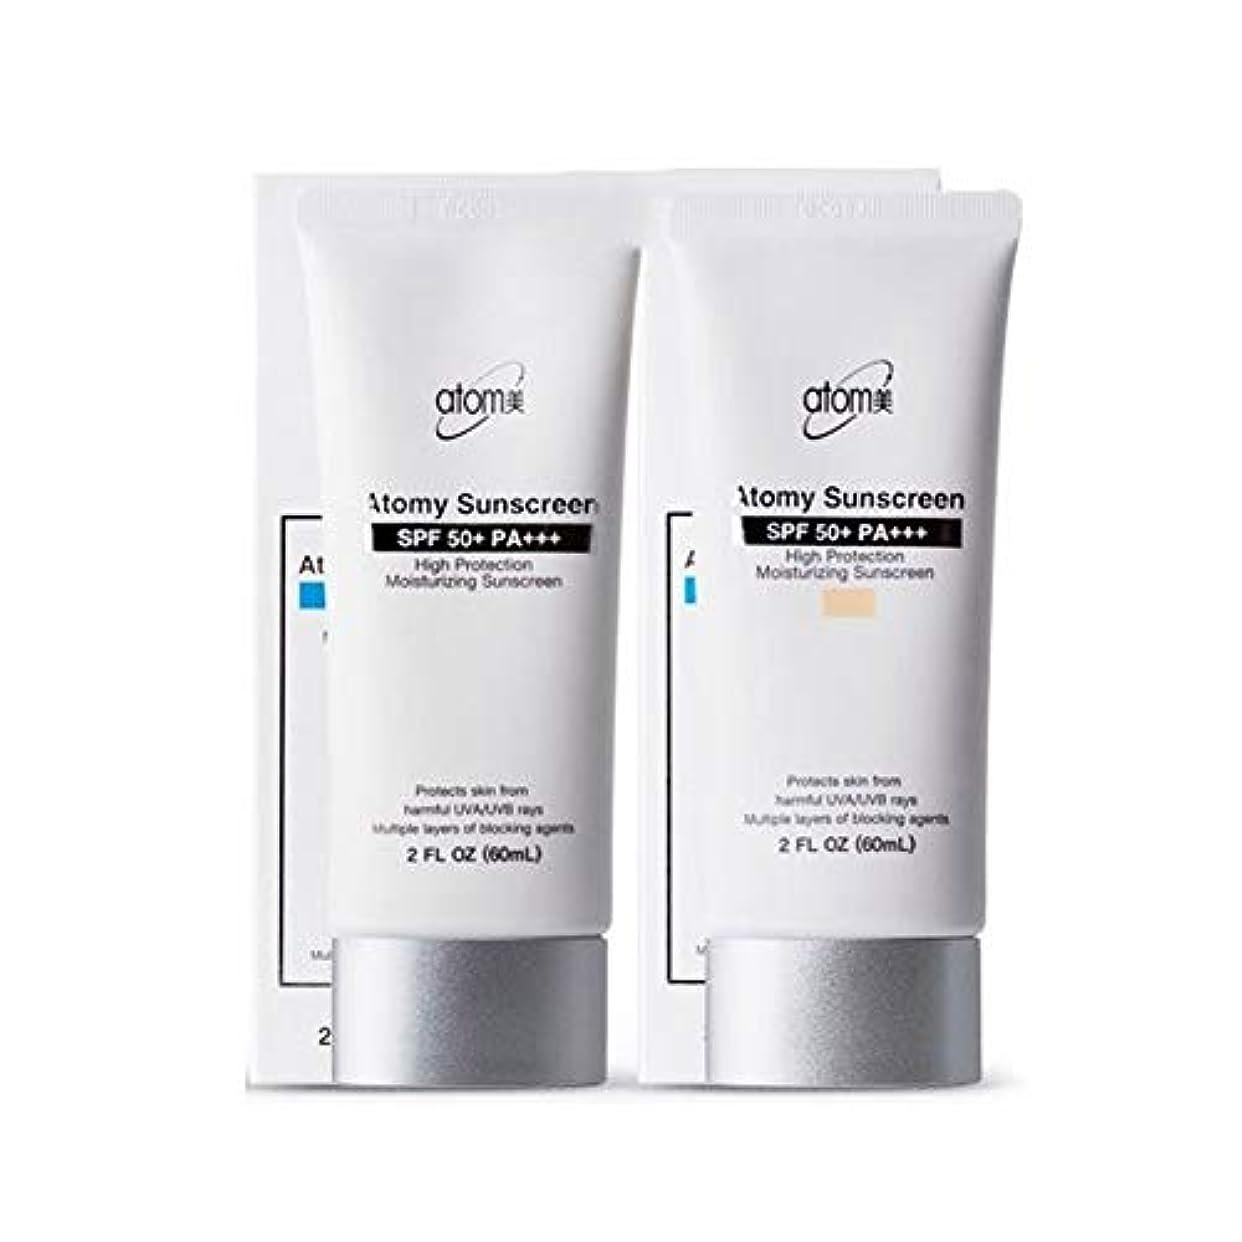 薬用出版頭蓋骨アトミ(Atomy) サンクリームベージュ+ホワイト(SPF50+/PA+++)60ml、ハイプロテクション、Atomy Sun Cream Beige+White(SPF50+/PA+++)60ml、High Protection...